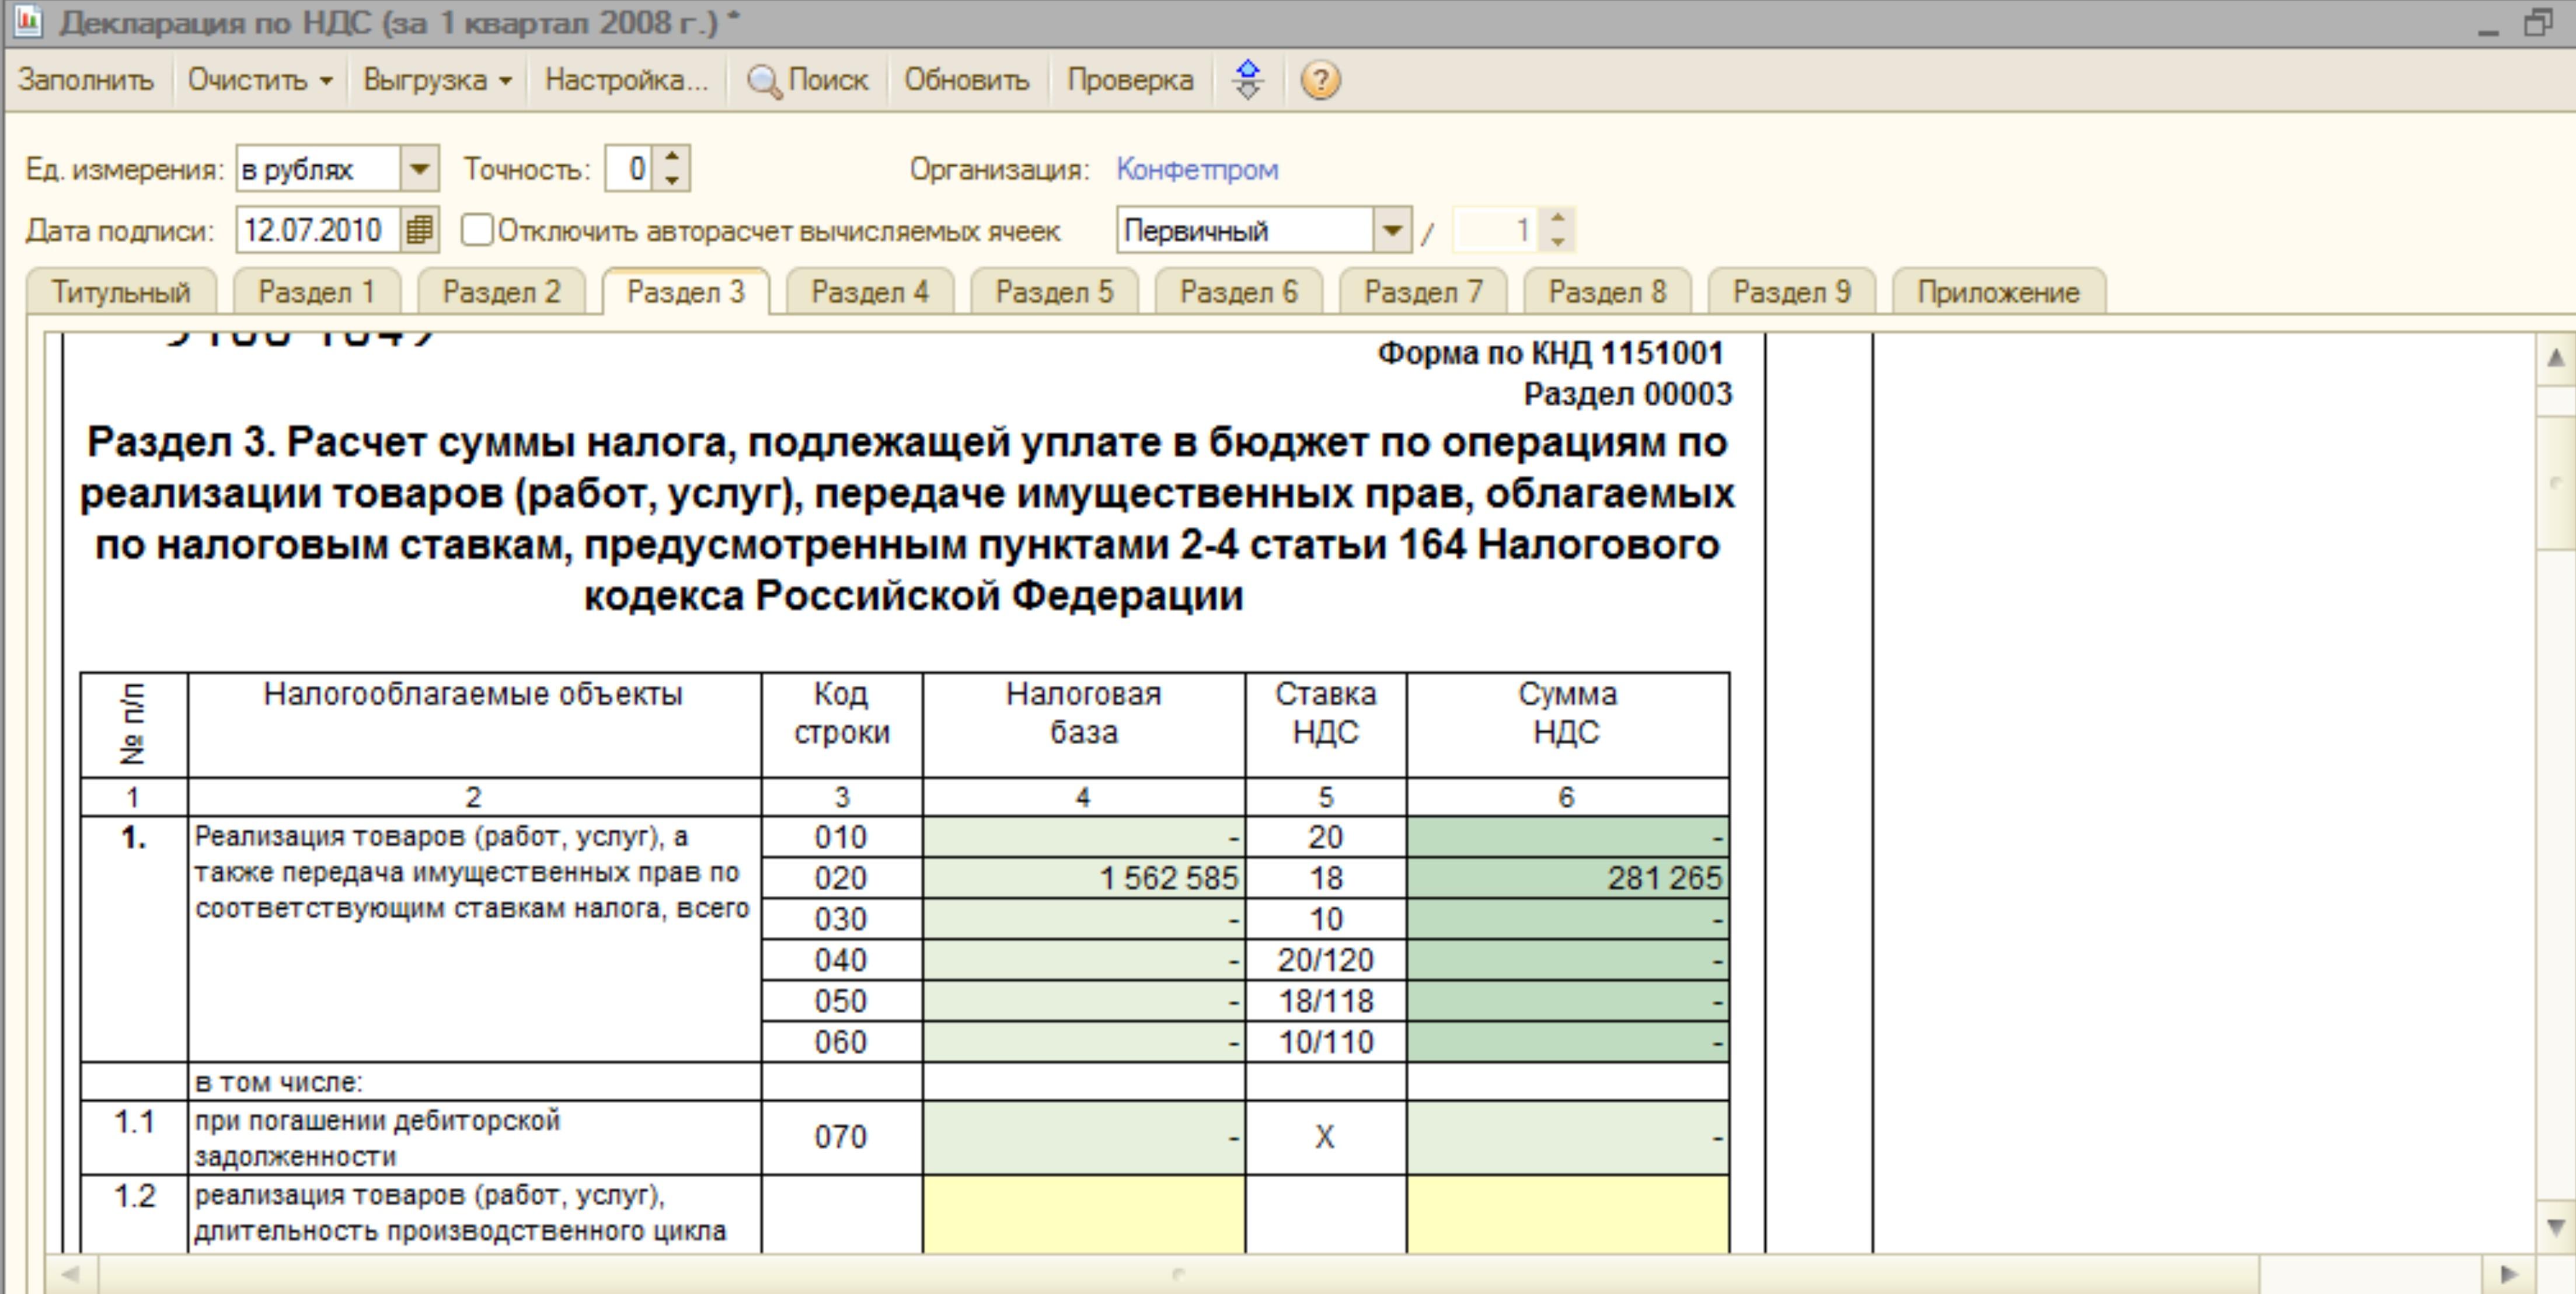 Инструкция По Заполнению Декларации По Ндс 2012